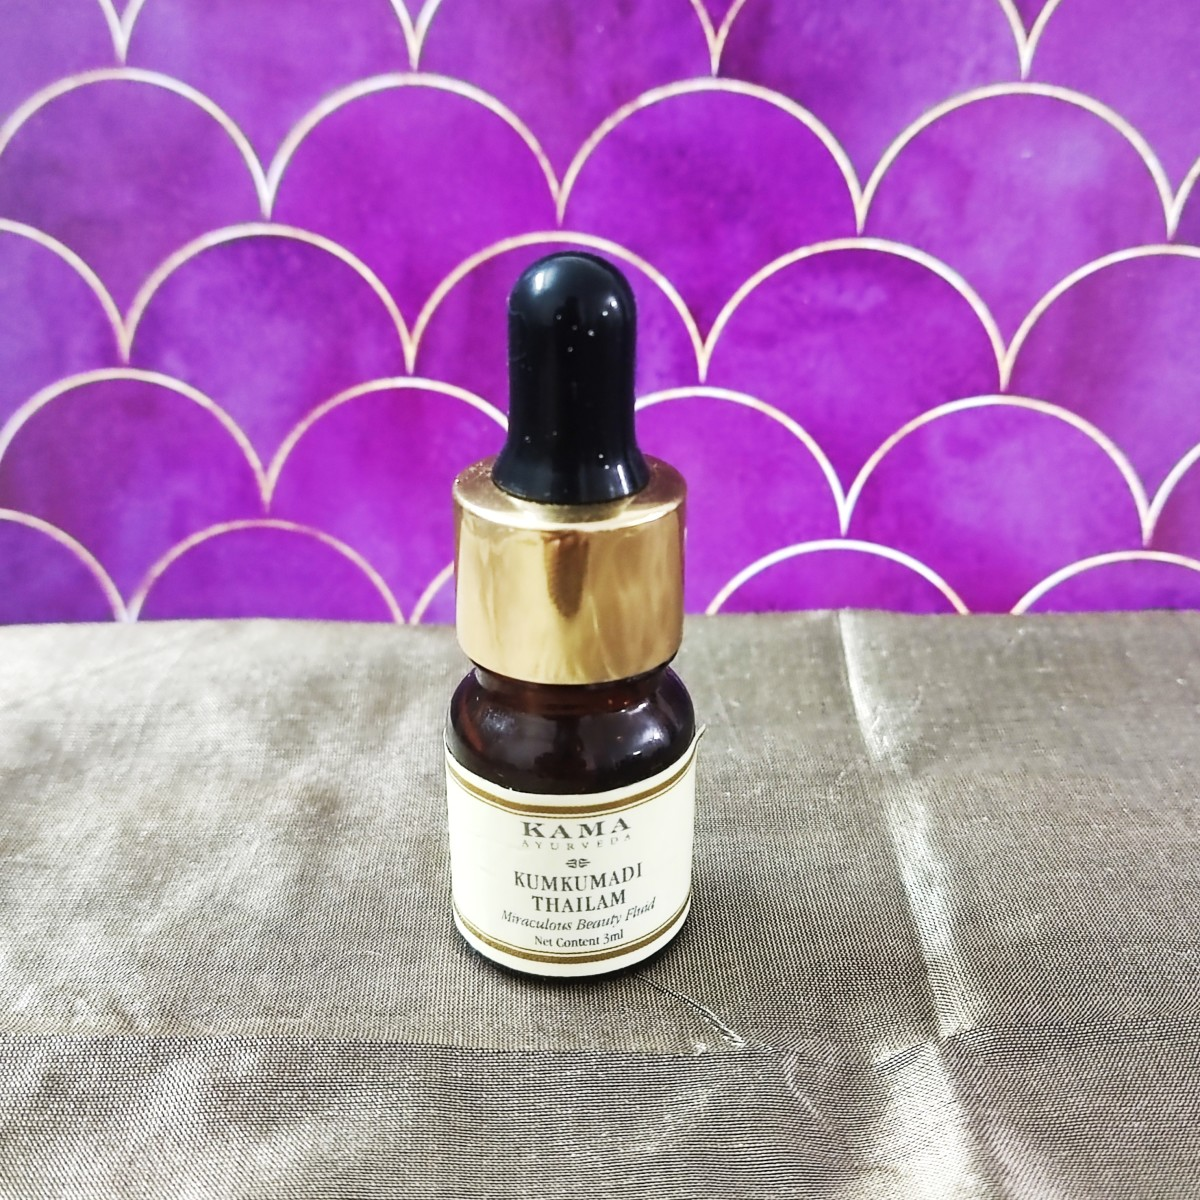 kama-ayurveda-kumkumadi-miraculous-beauty-fluid-ayurvedic-night-serum-review